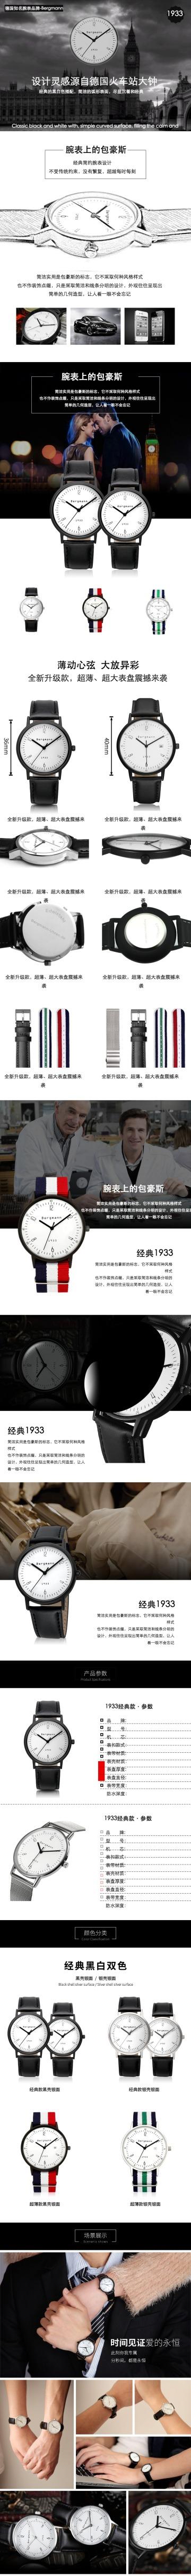 简约时尚休闲手表电商详情题